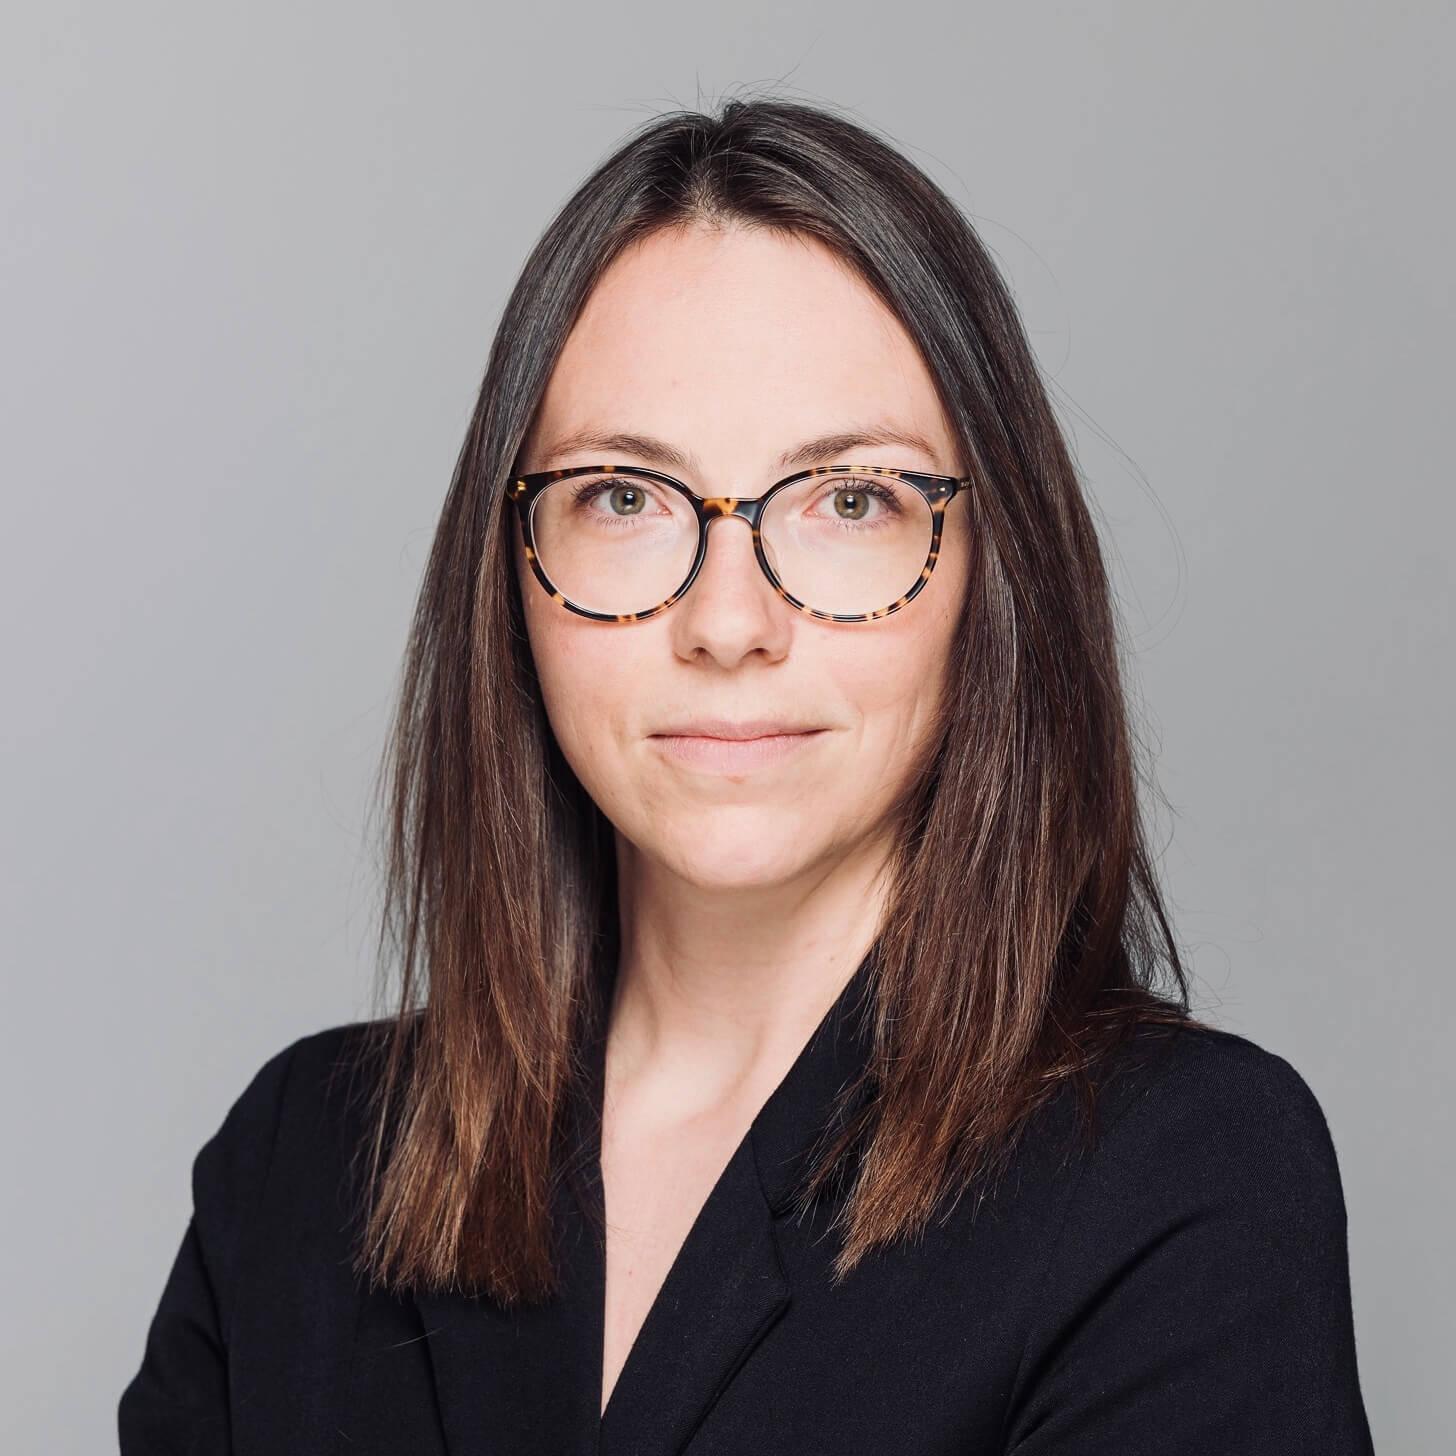 Johanna_Hasenmeile